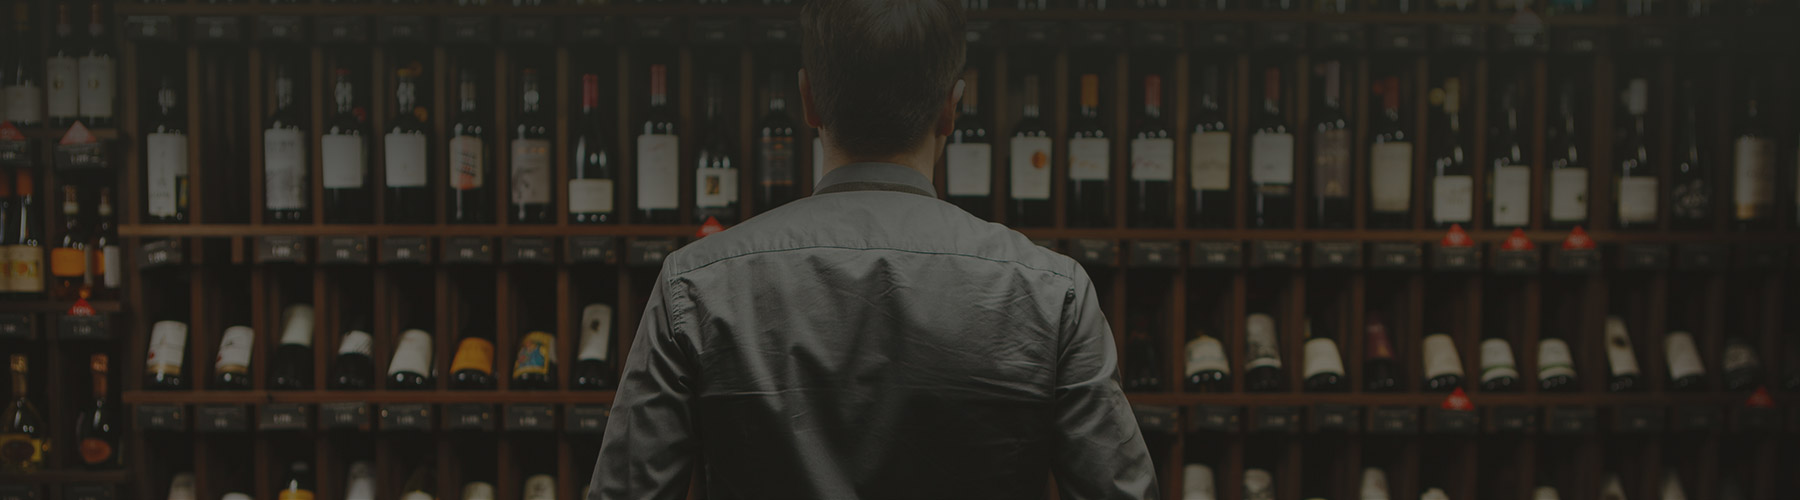 Slacker | J&L Wines